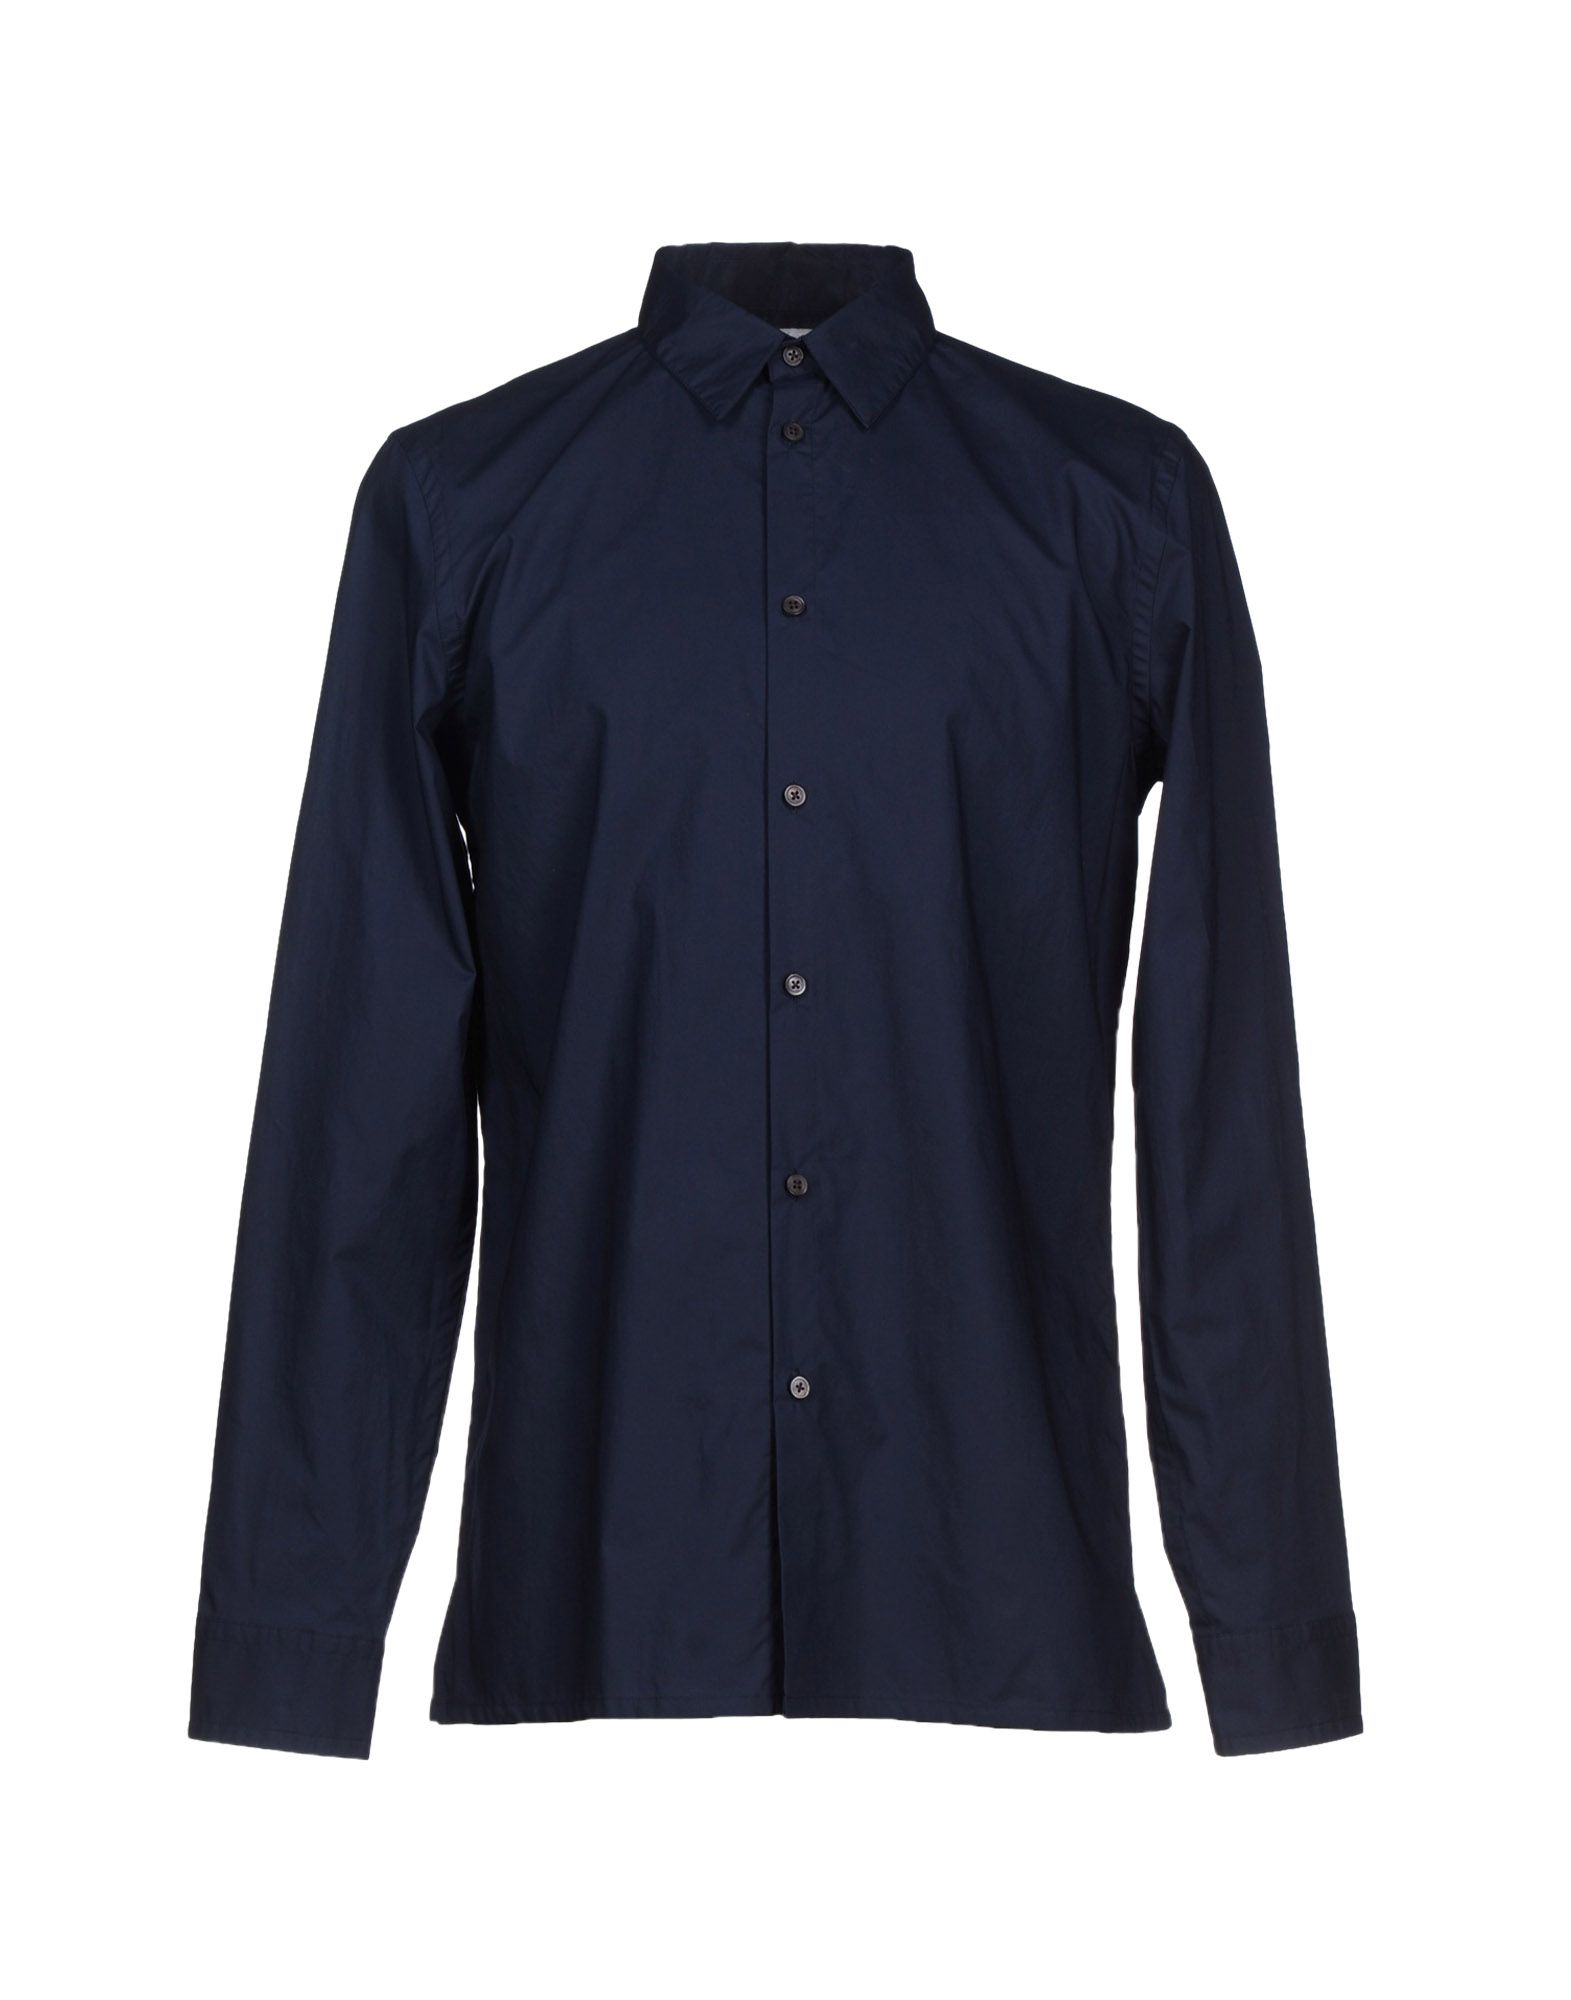 helmut lang shirt in blue for men lyst. Black Bedroom Furniture Sets. Home Design Ideas